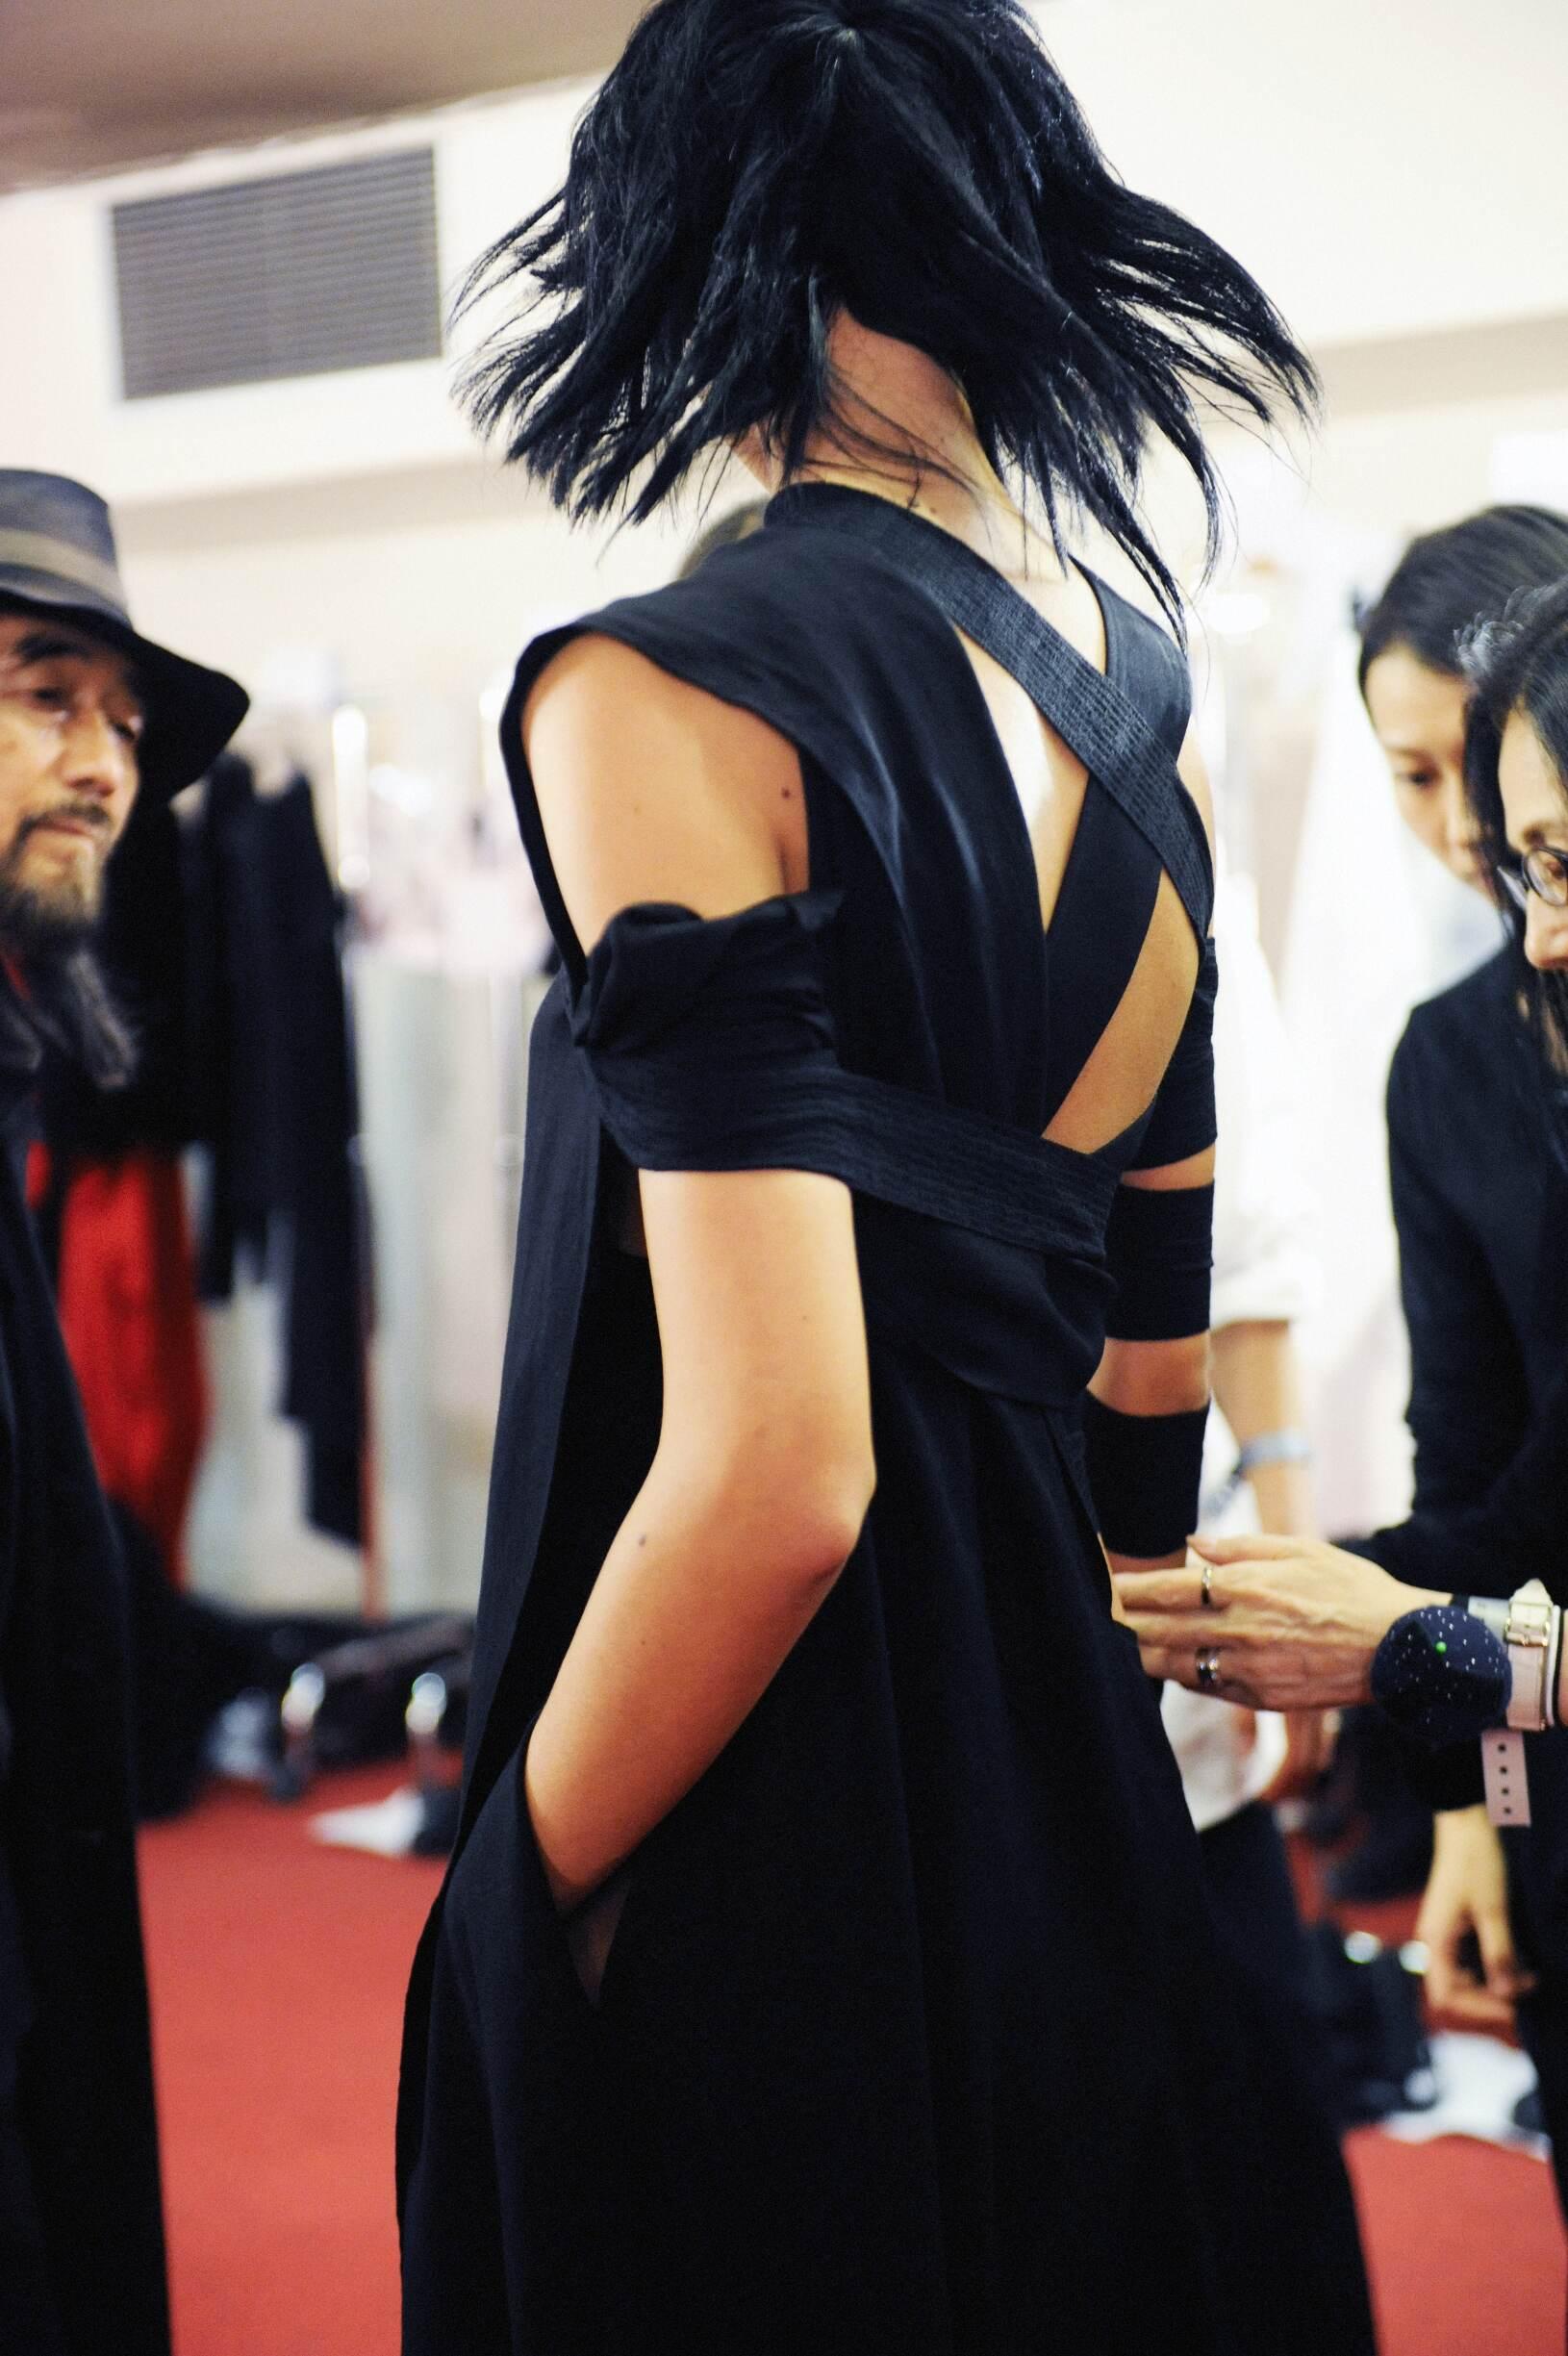 Backstage Women Yohji Yamamoto and Model